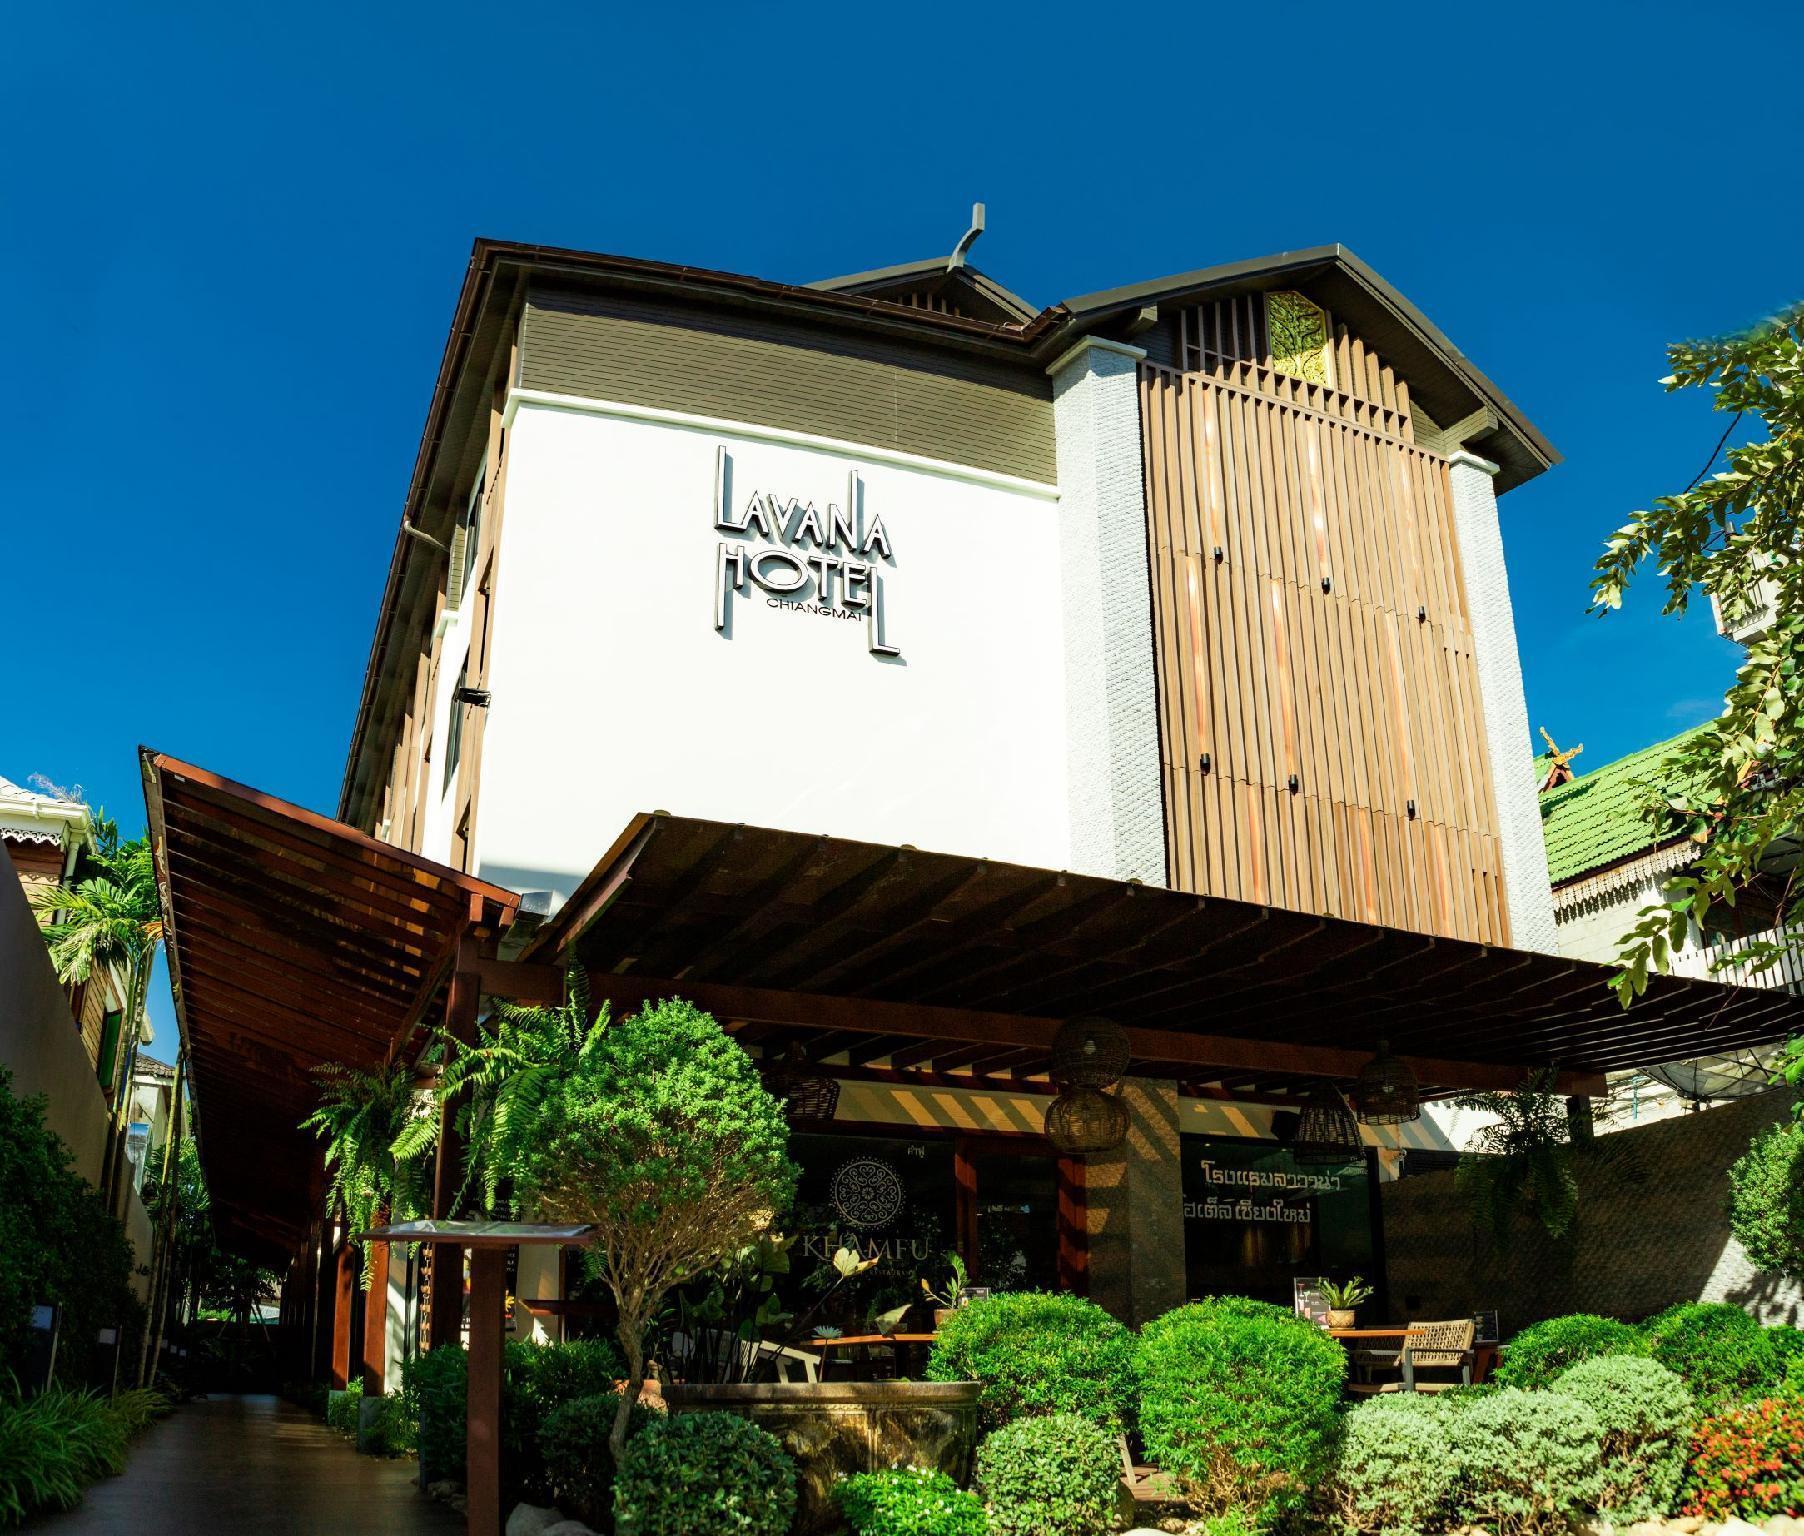 Lavana Hotel Chiangmai โรงแรมลาวานา เชียงใหม่